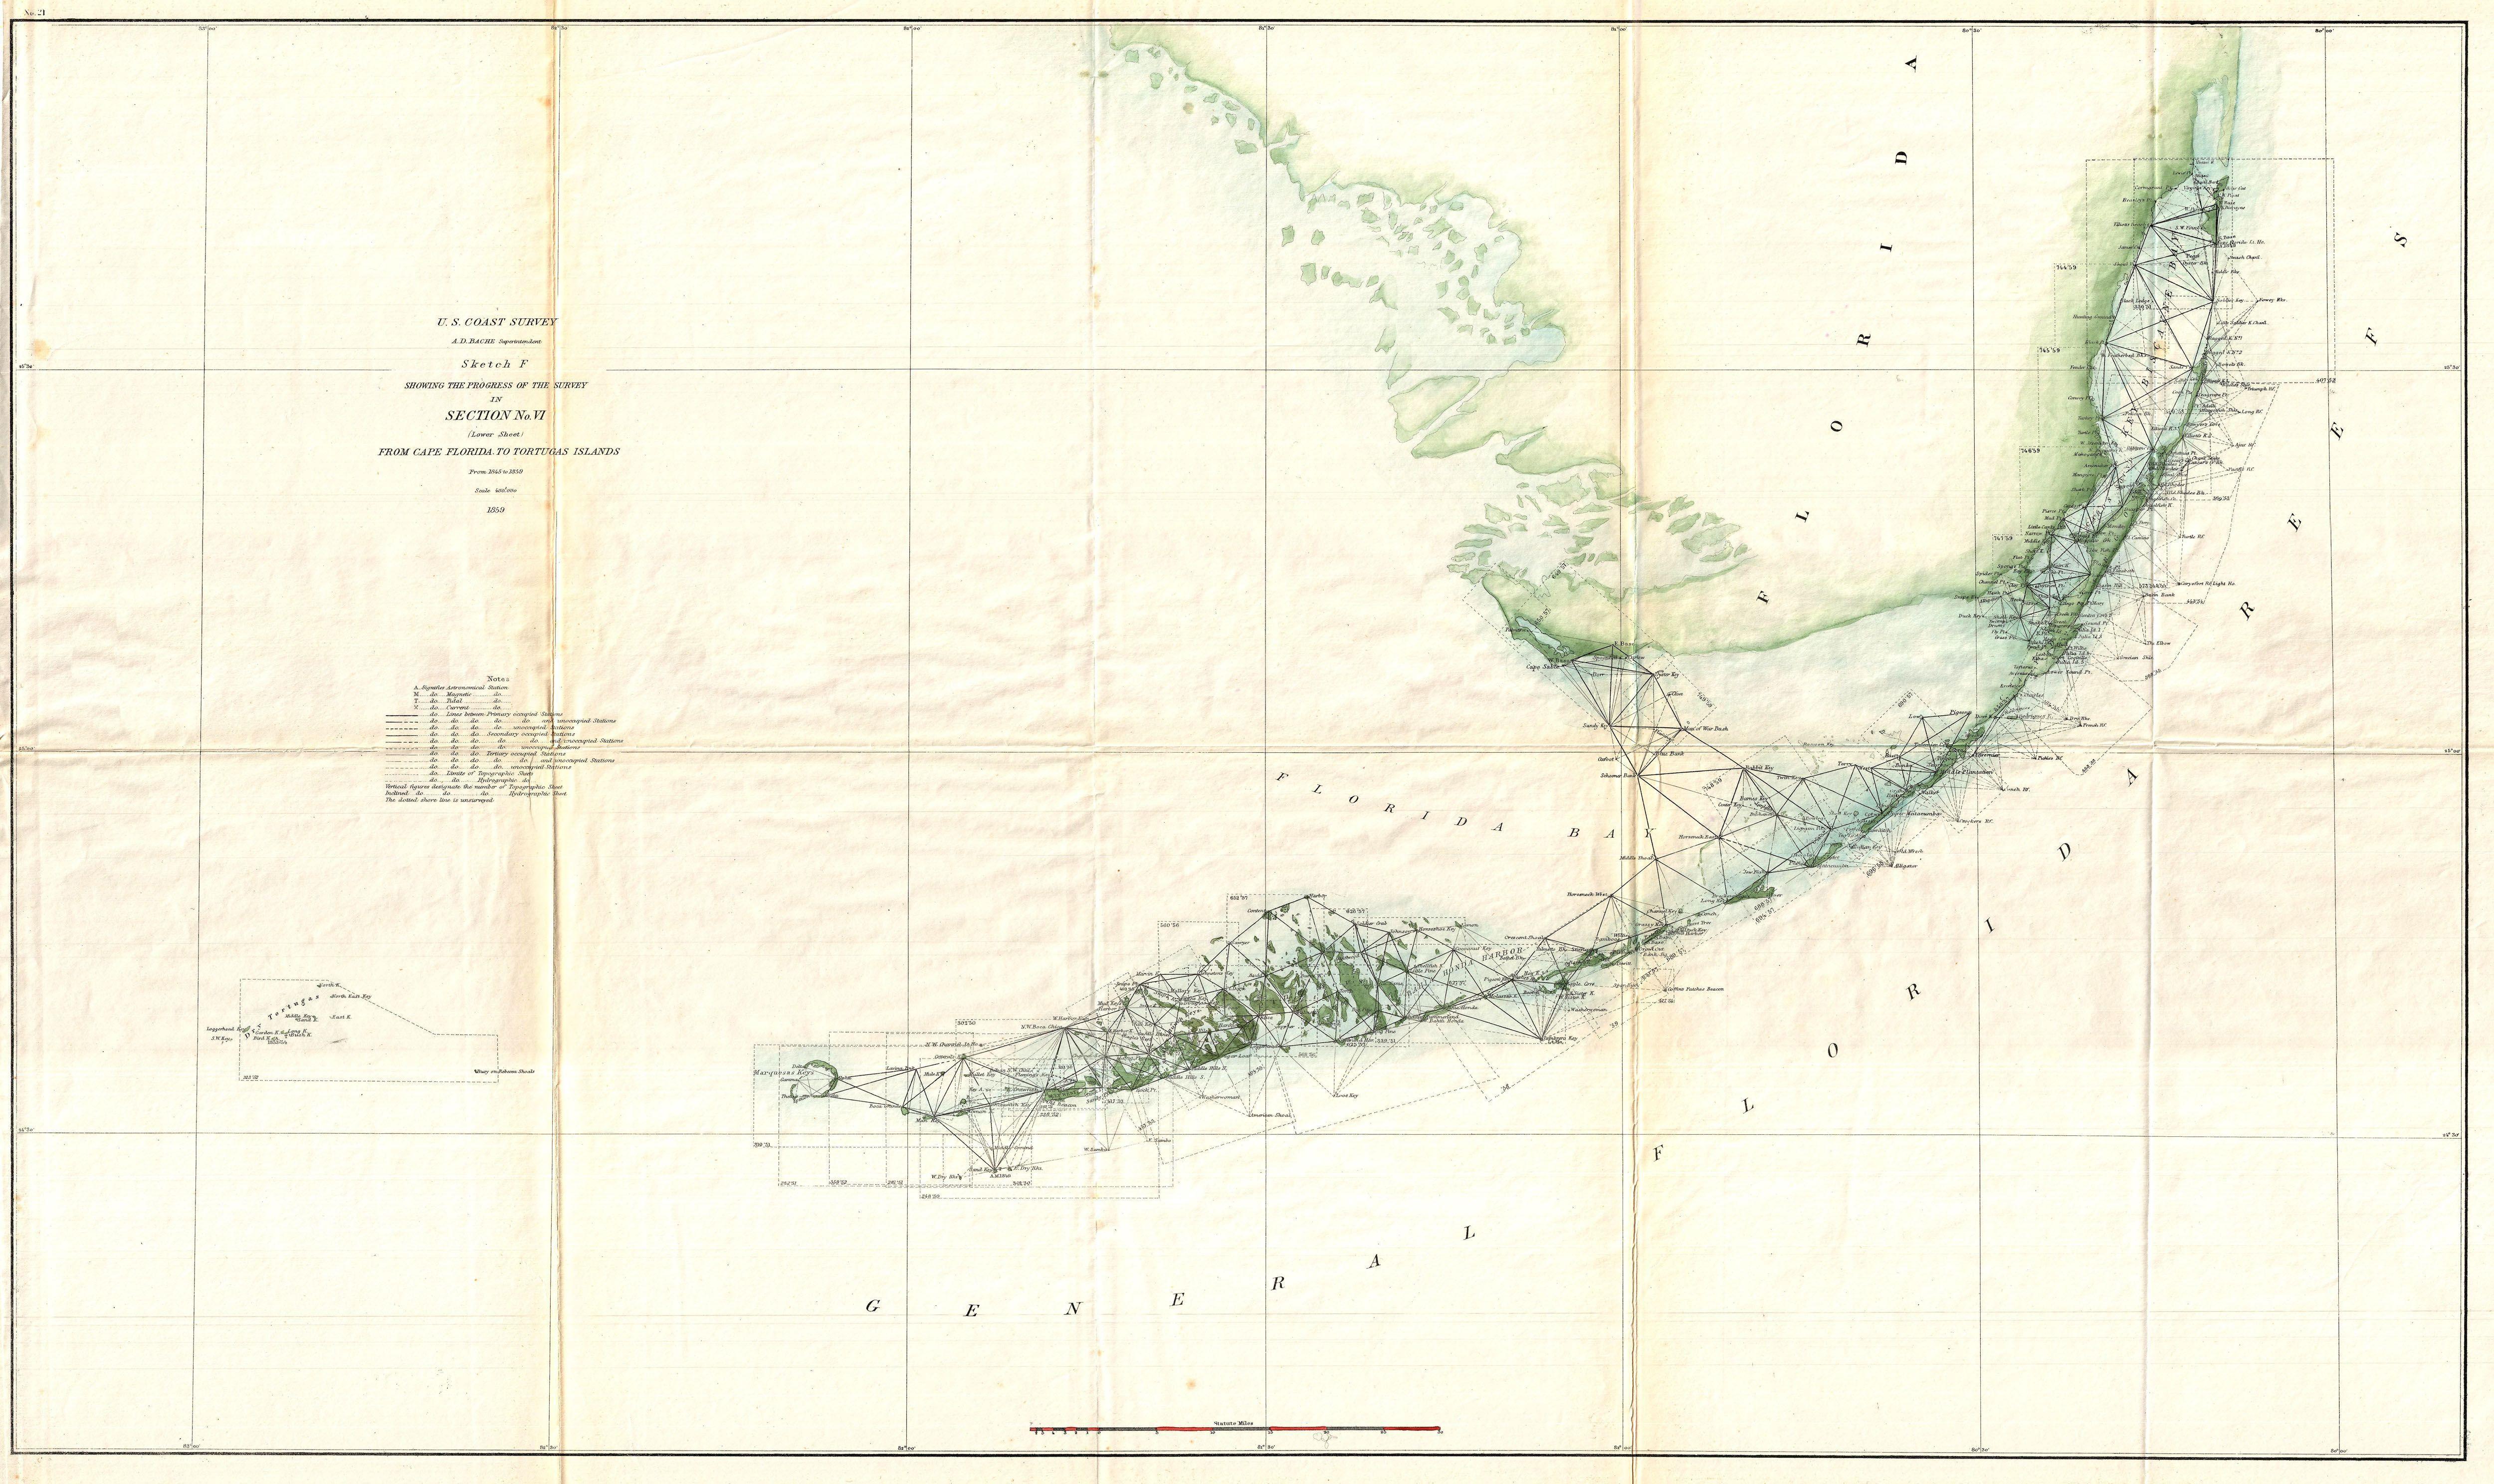 Vintage Map Of Key West - 1895 Us Coast Survey Triangulation | Kw - Florida Keys Map Art